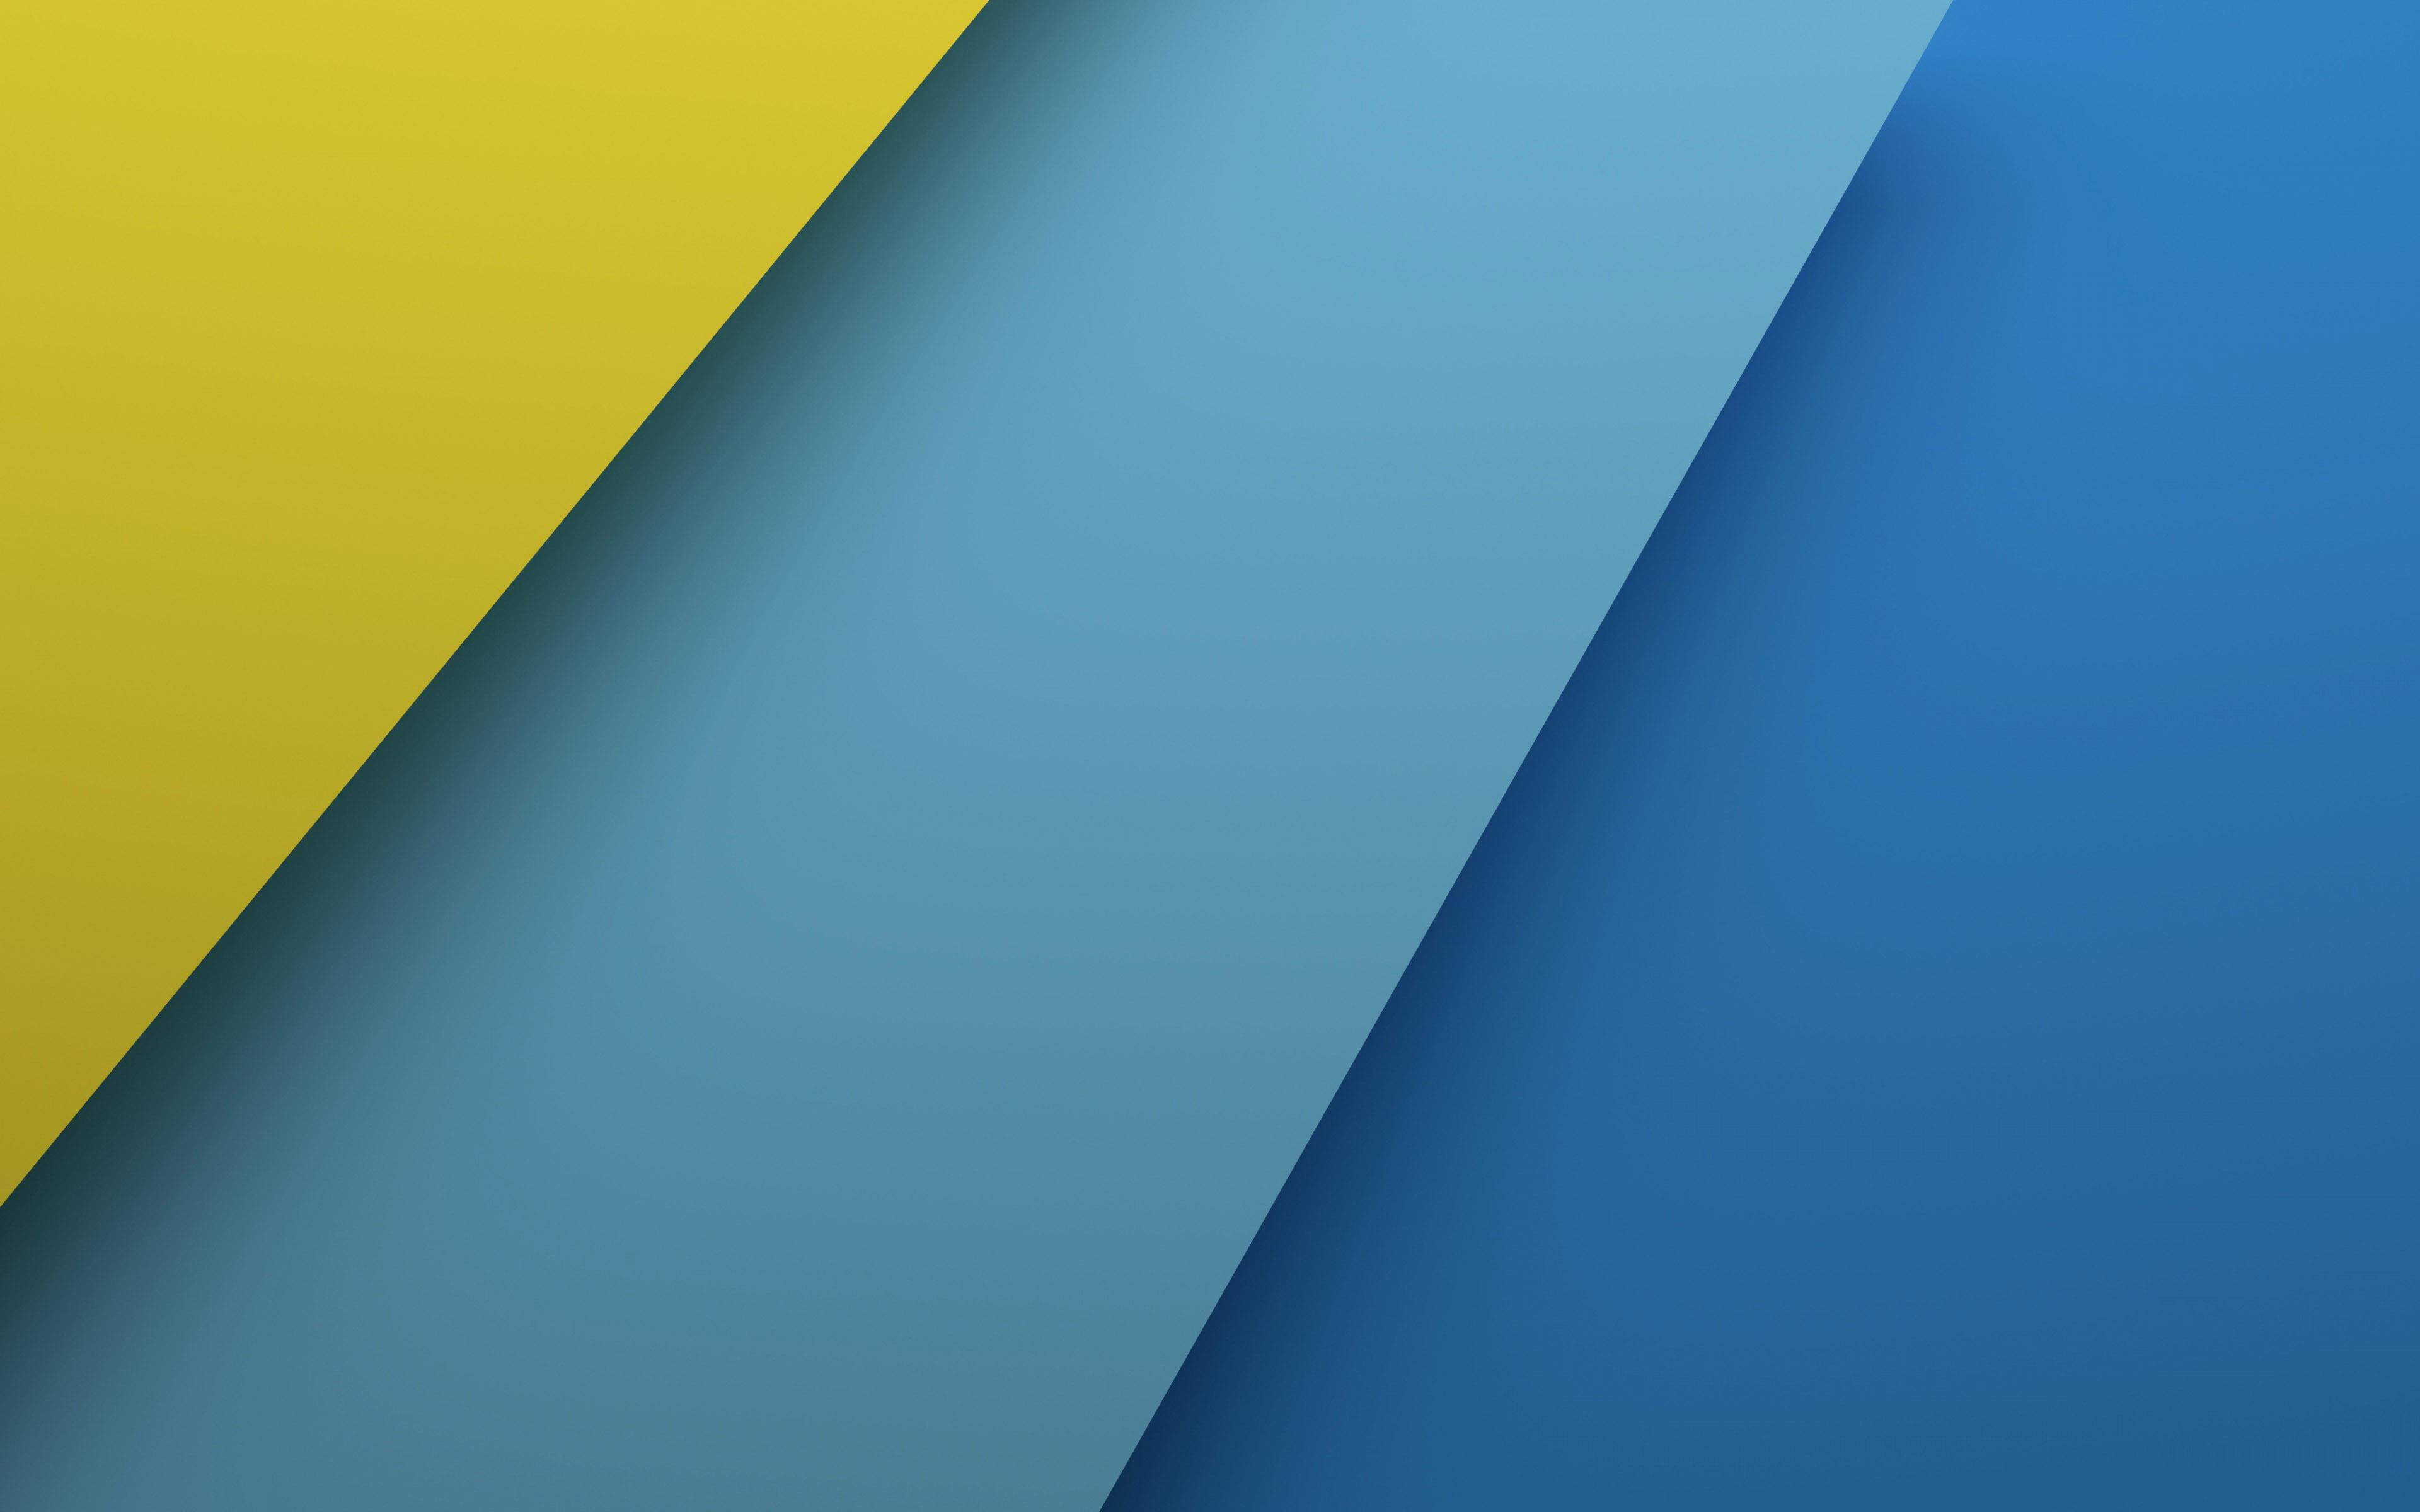 Blue and Yellow Wallpaper - WallpaperSafari